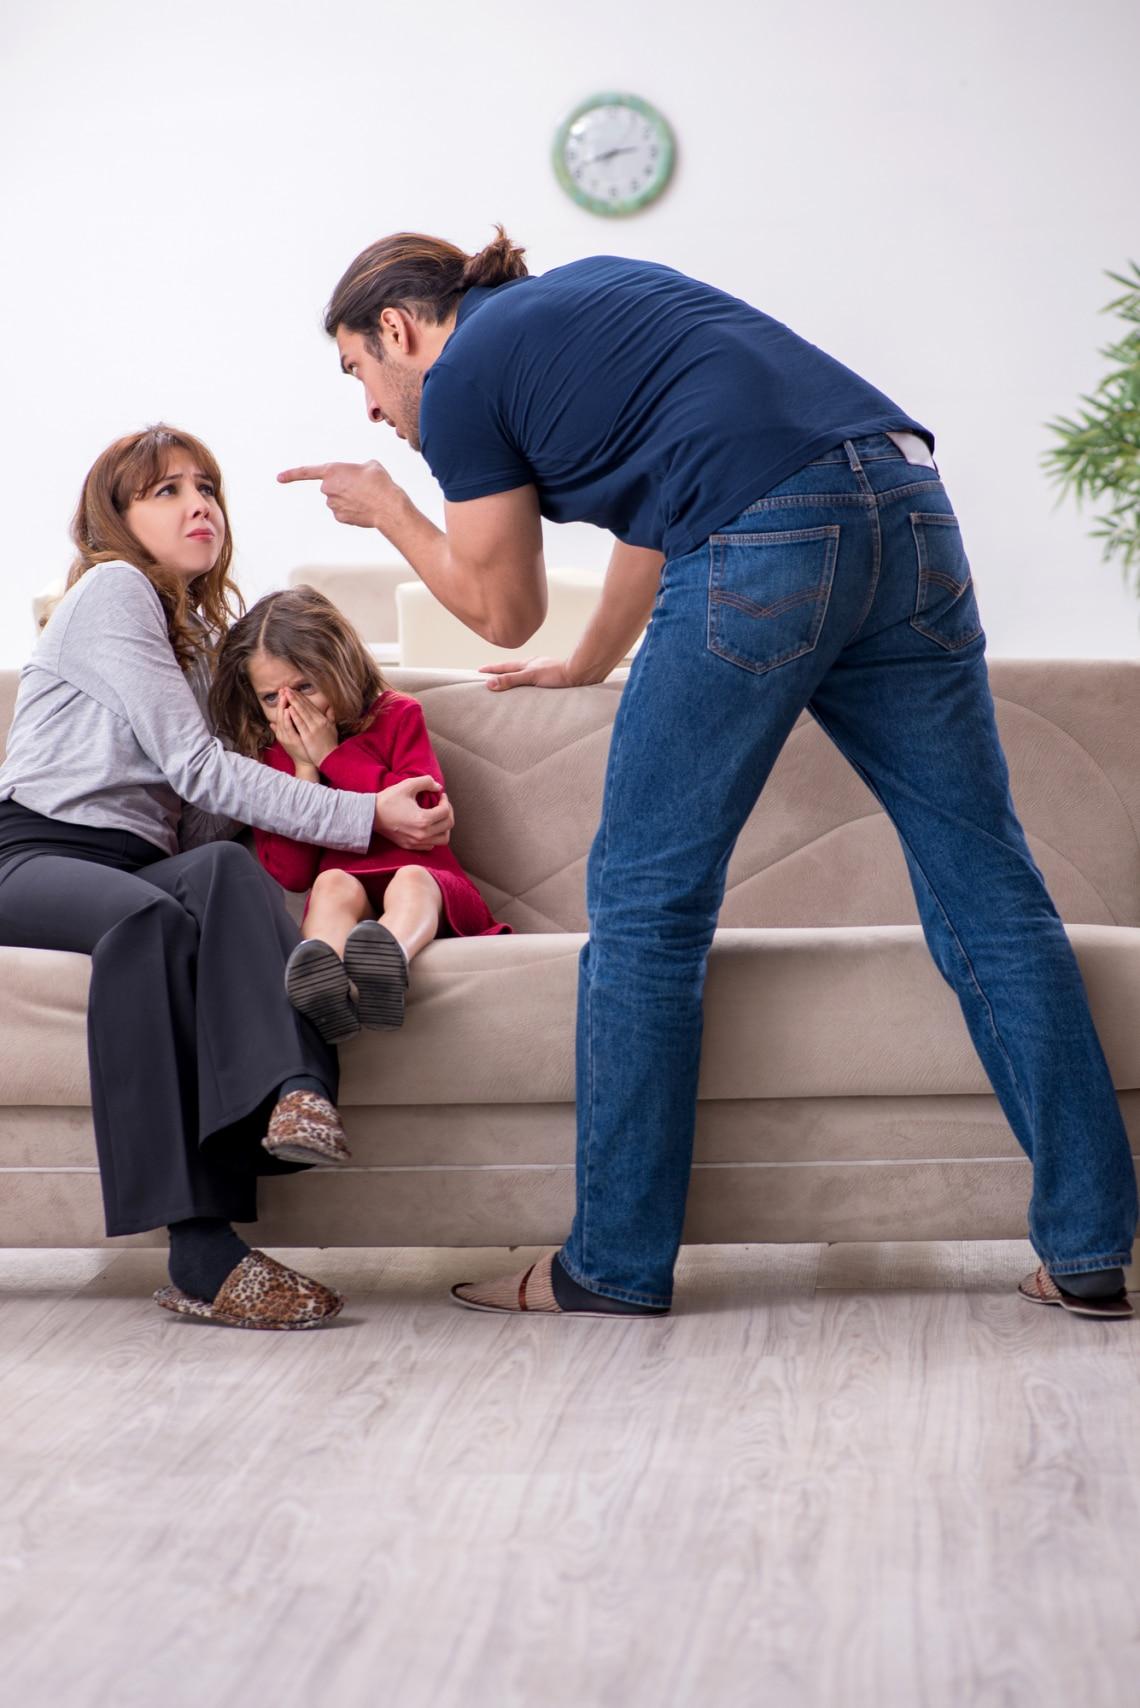 A gyerek eltanulhatja a bántalmazó normákat